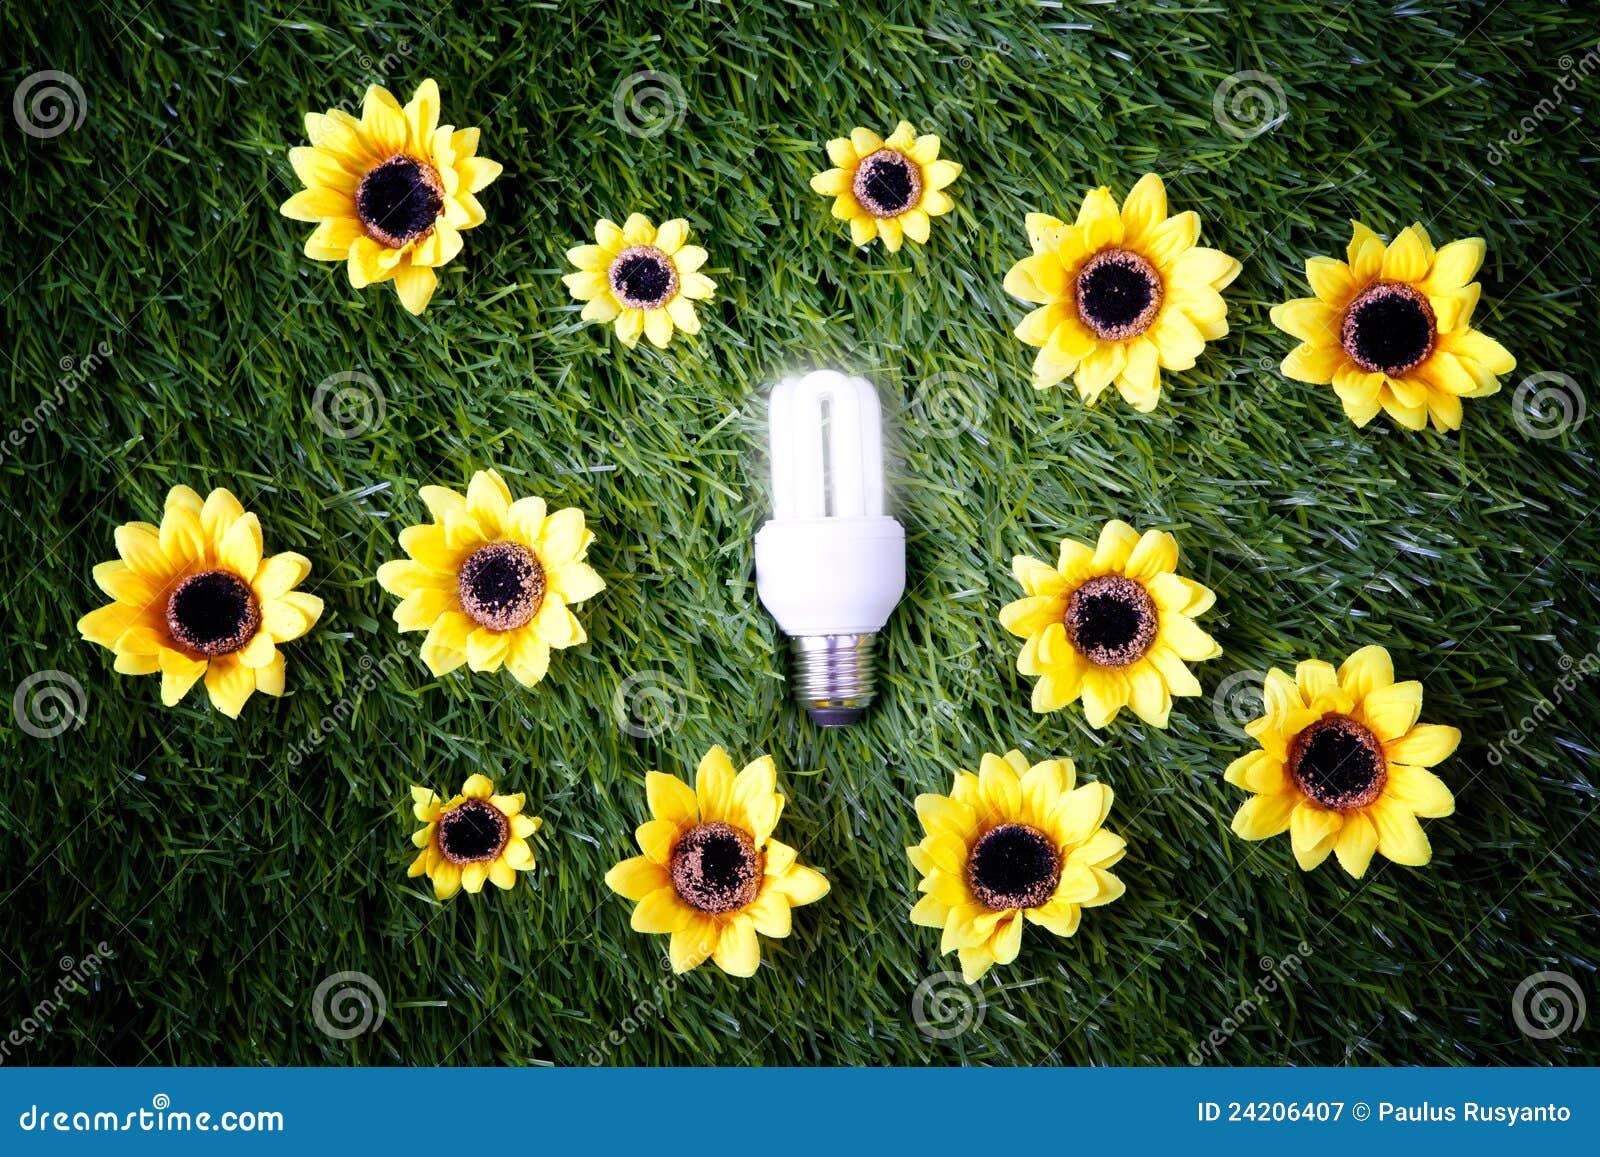 Energy save light bulb